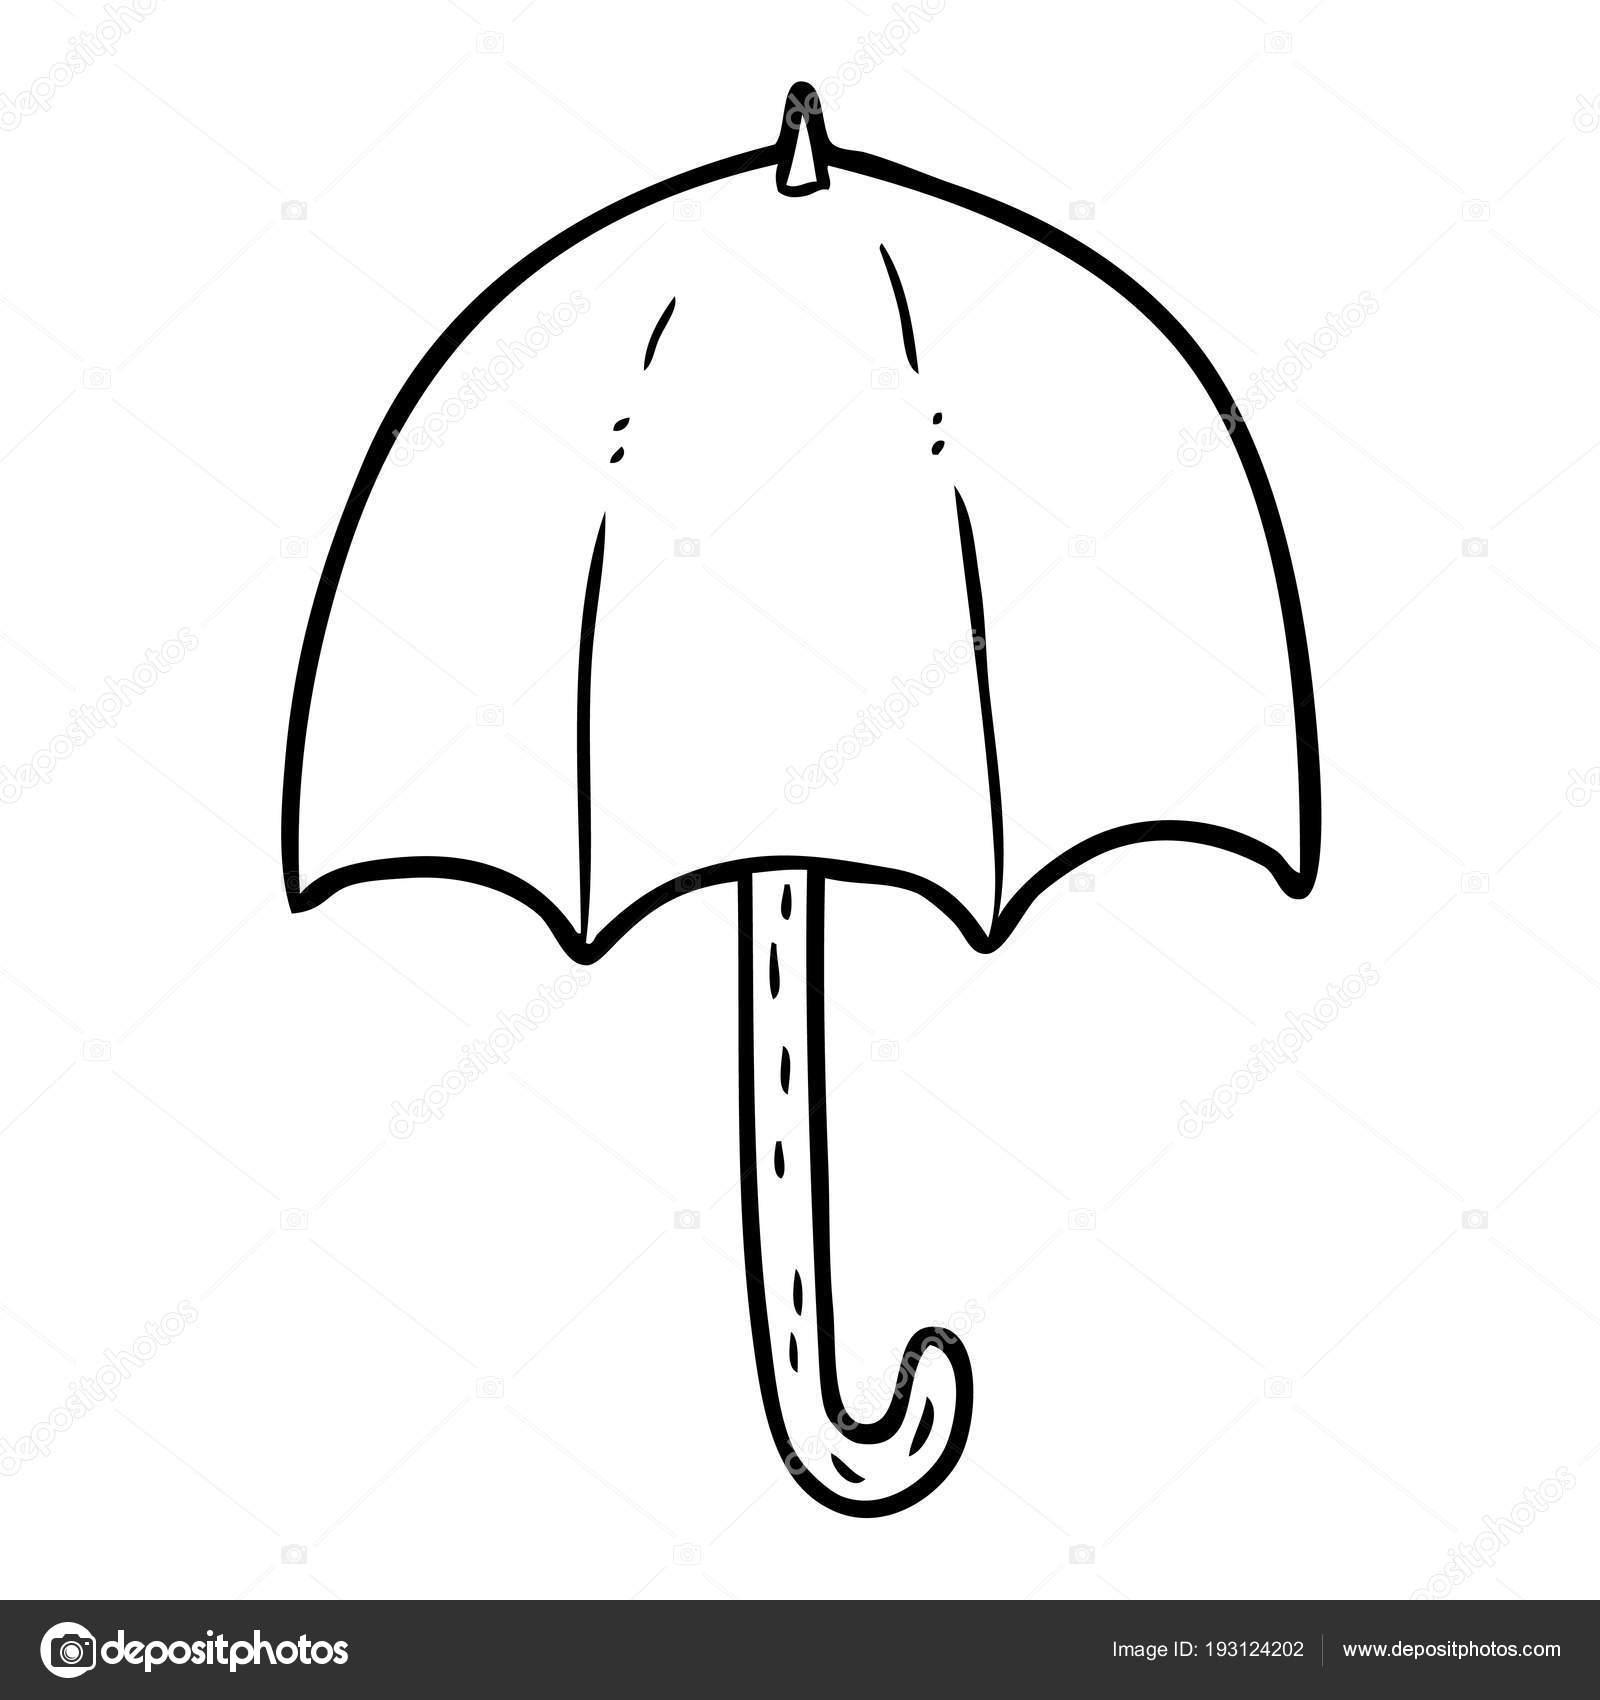 Dessin au trait dun parapluie ouvert vecteur par